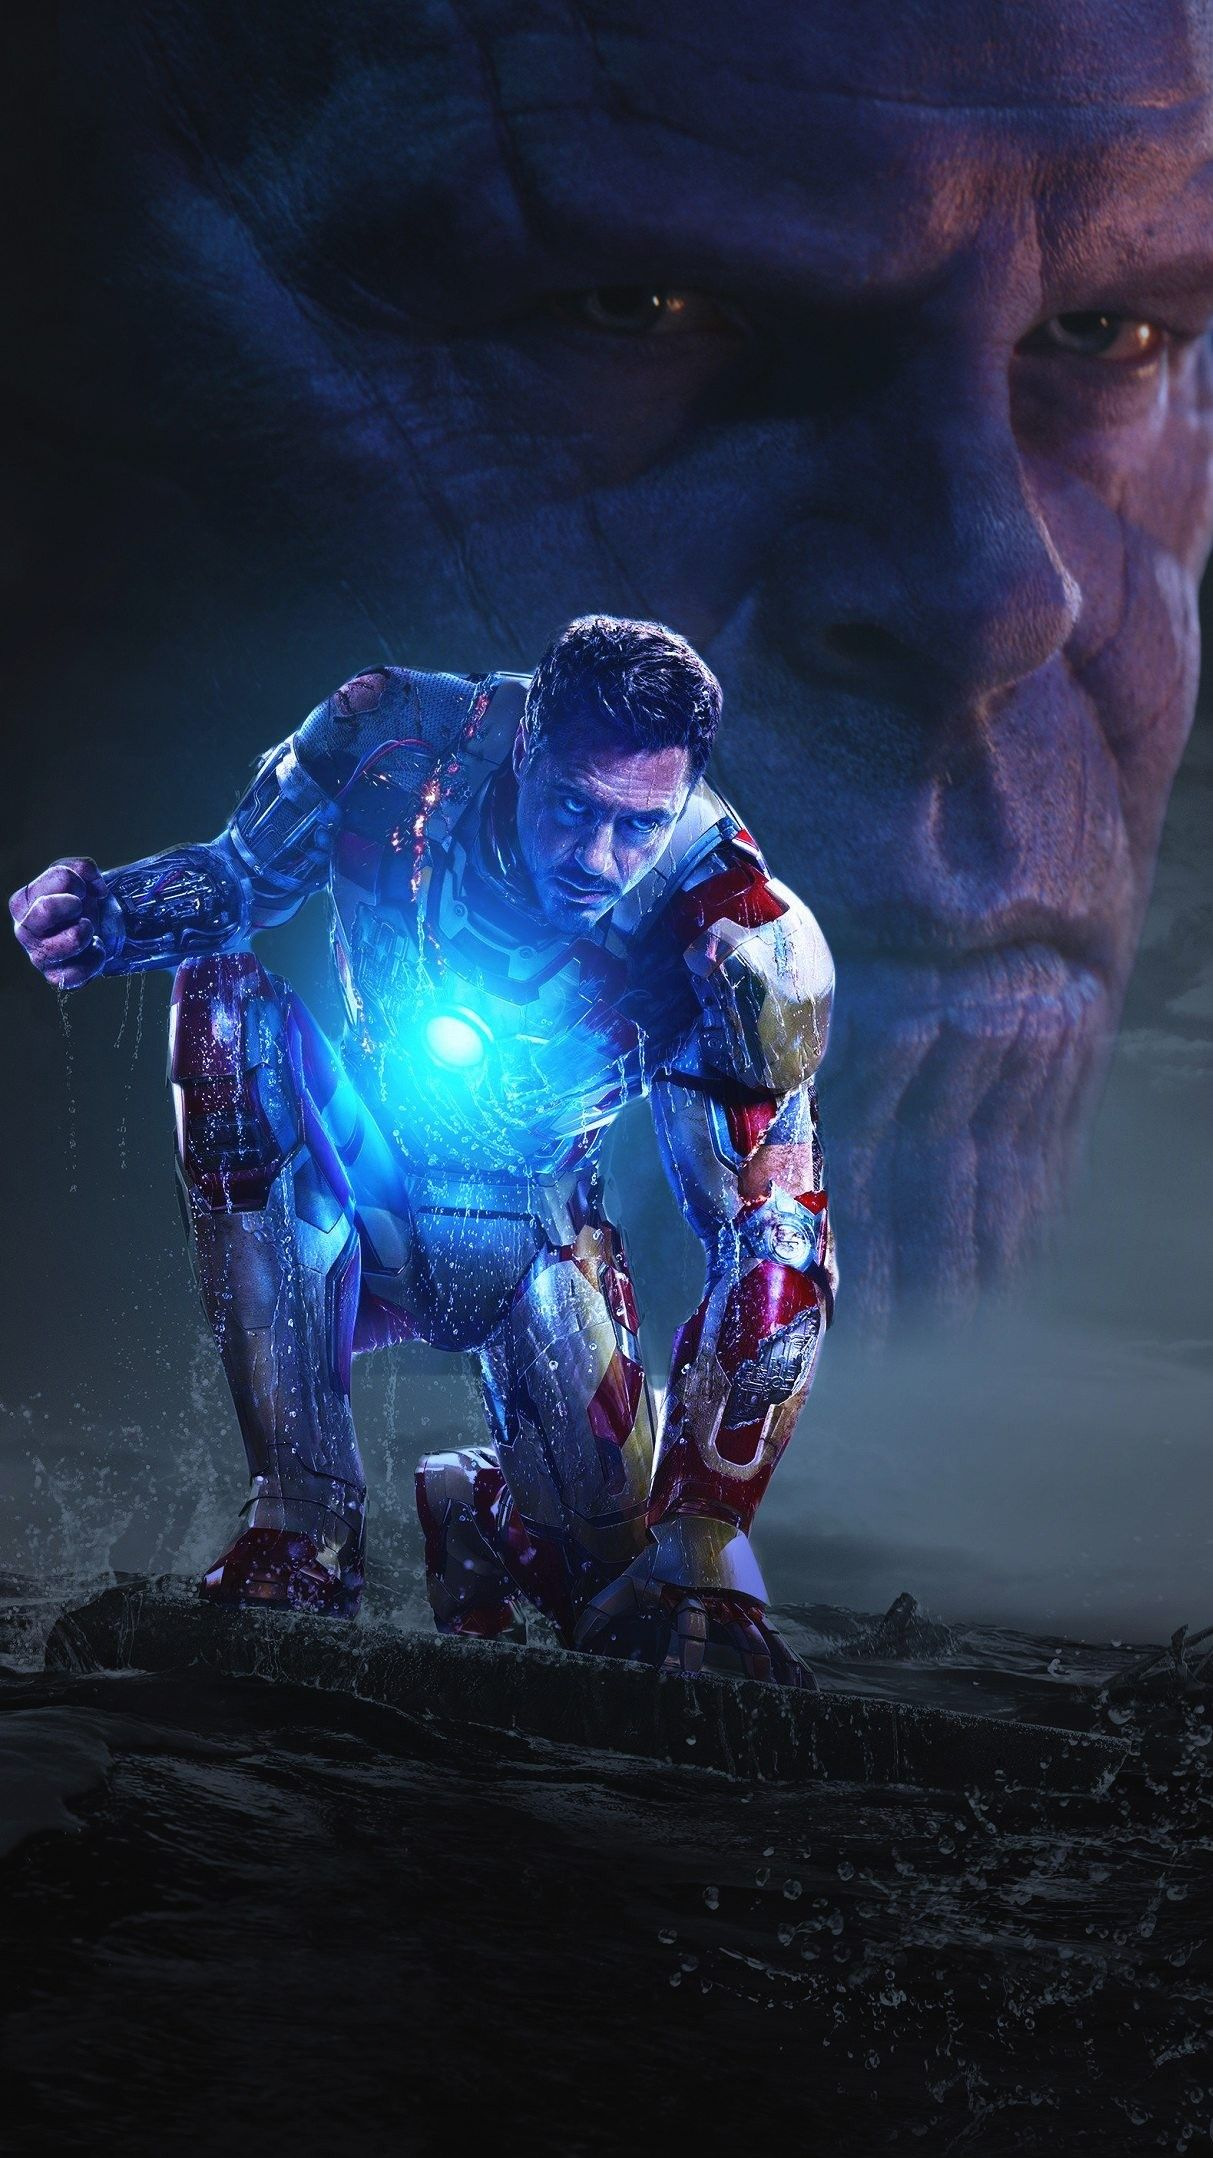 Avengers おしゃれまとめの人気アイデア Pinterest Shreyas Industries アベンジャーズ 壁紙 アベンジャーズ 高画質 壁紙